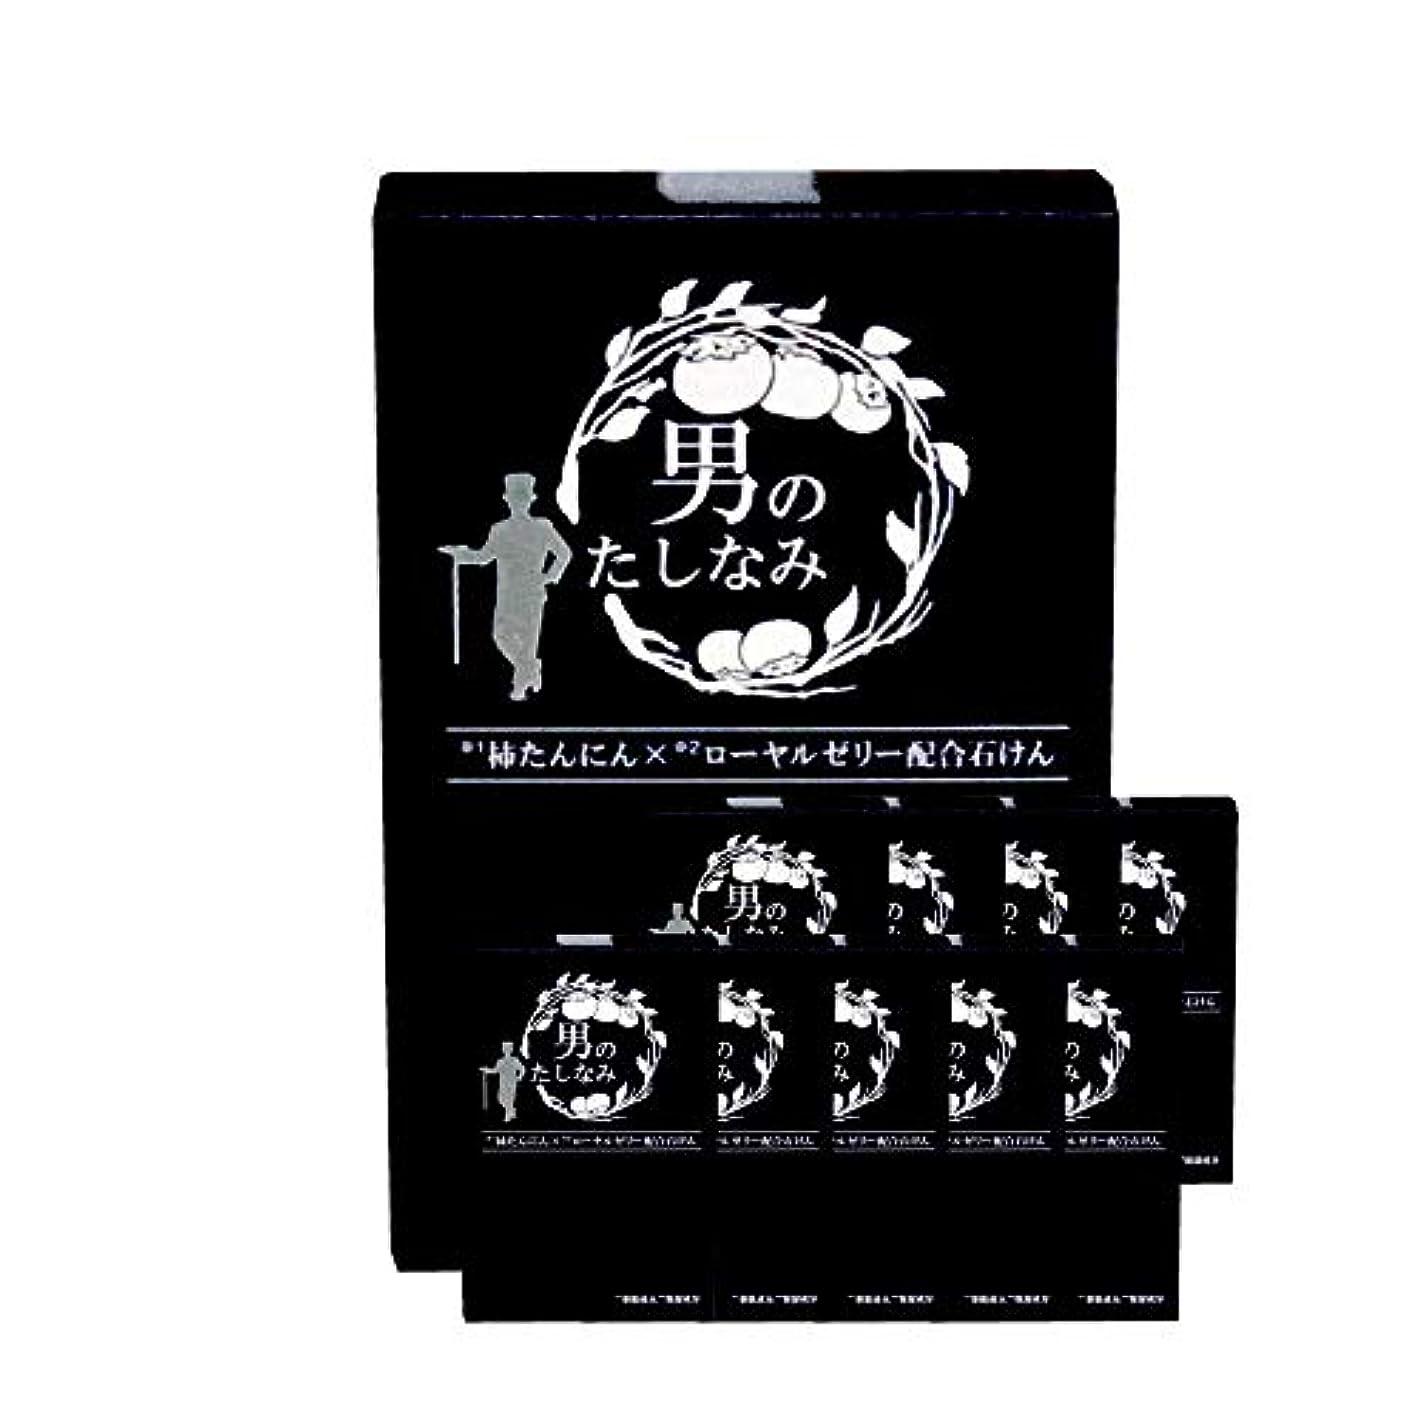 換気する永久トークン柿渋石鹸 男のたしなみ 100g (10個セット)